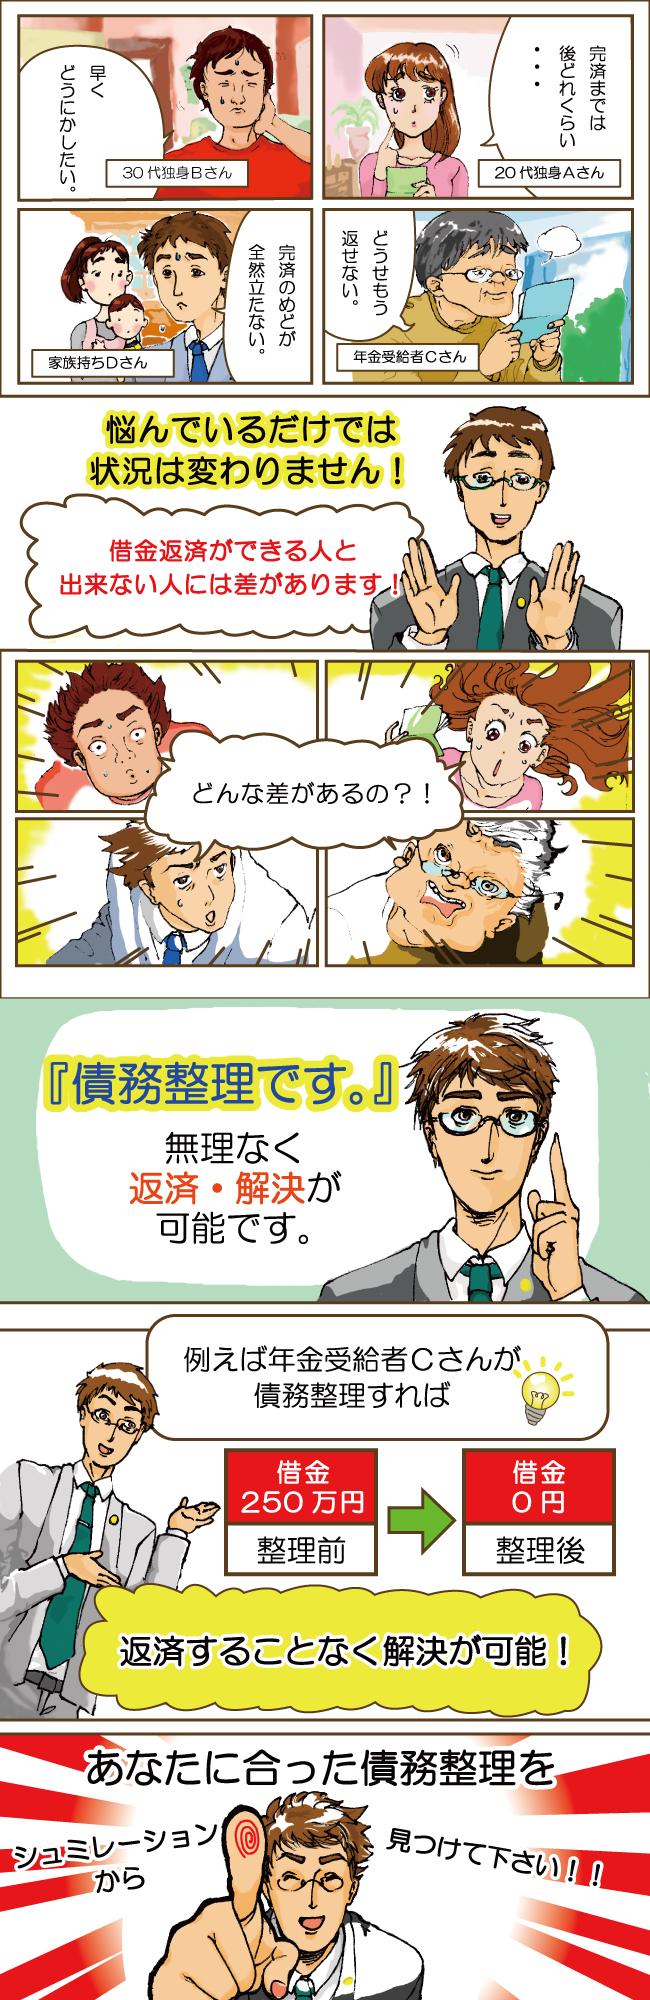 借金整理マニュアル漫画1